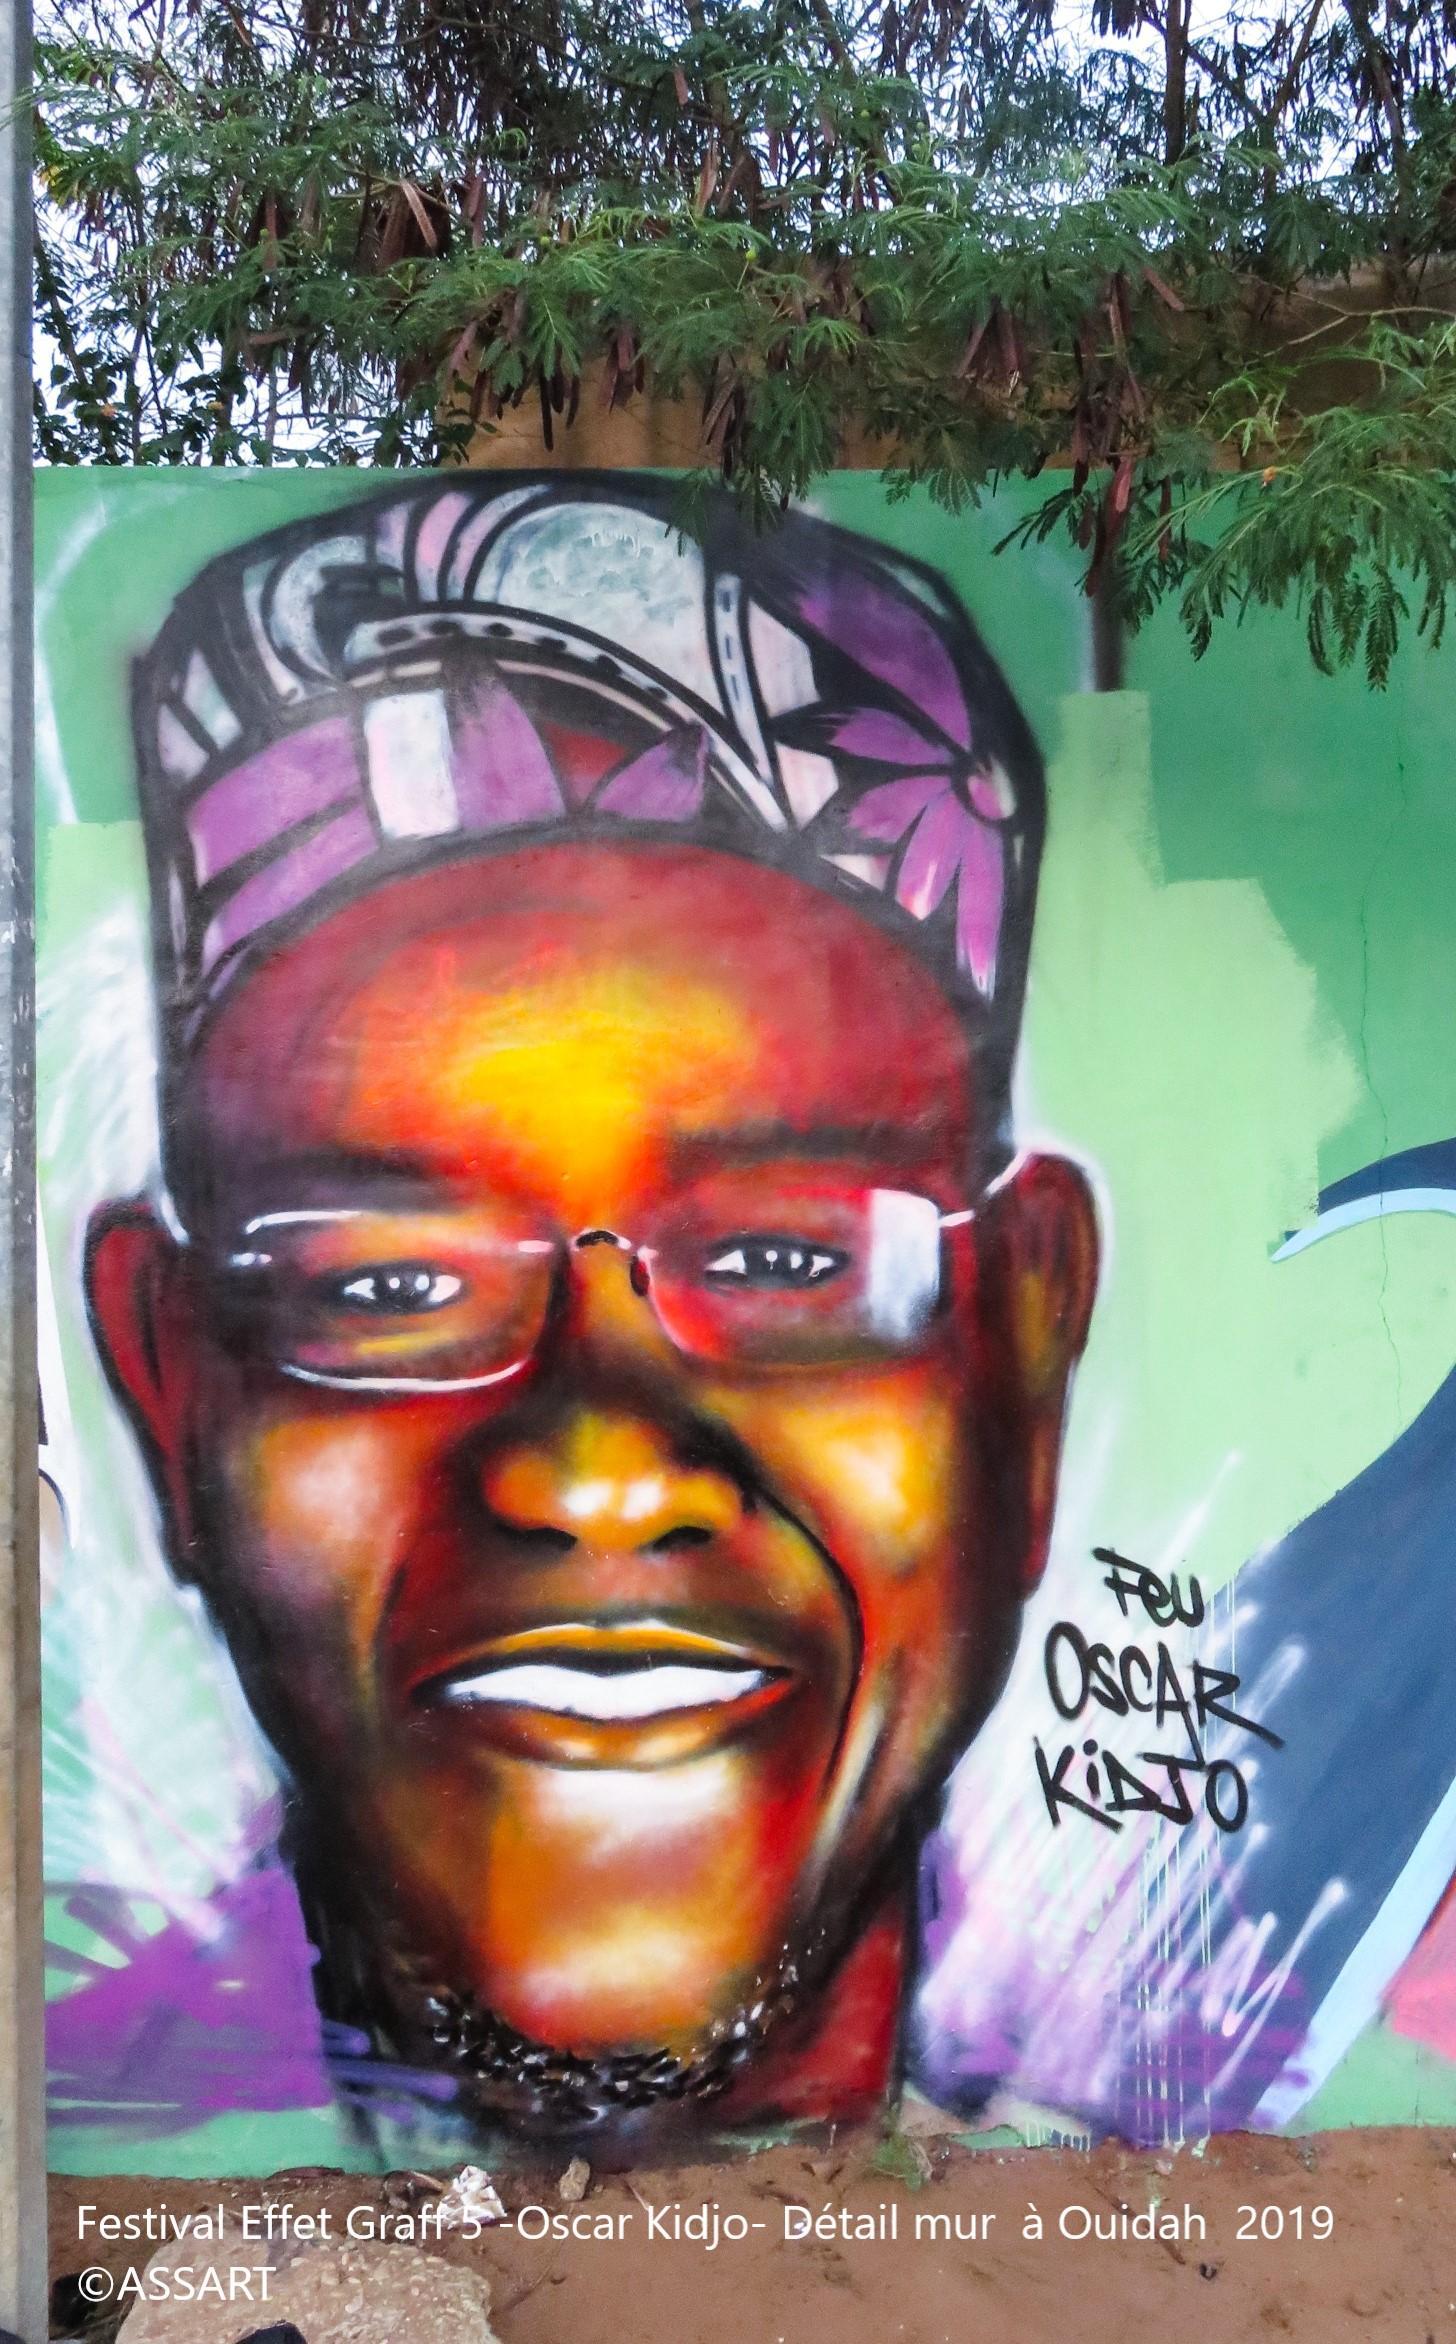 Festival Effet Graff 5 -Oscar Kidjo- Détail mur à Ouidah 2019